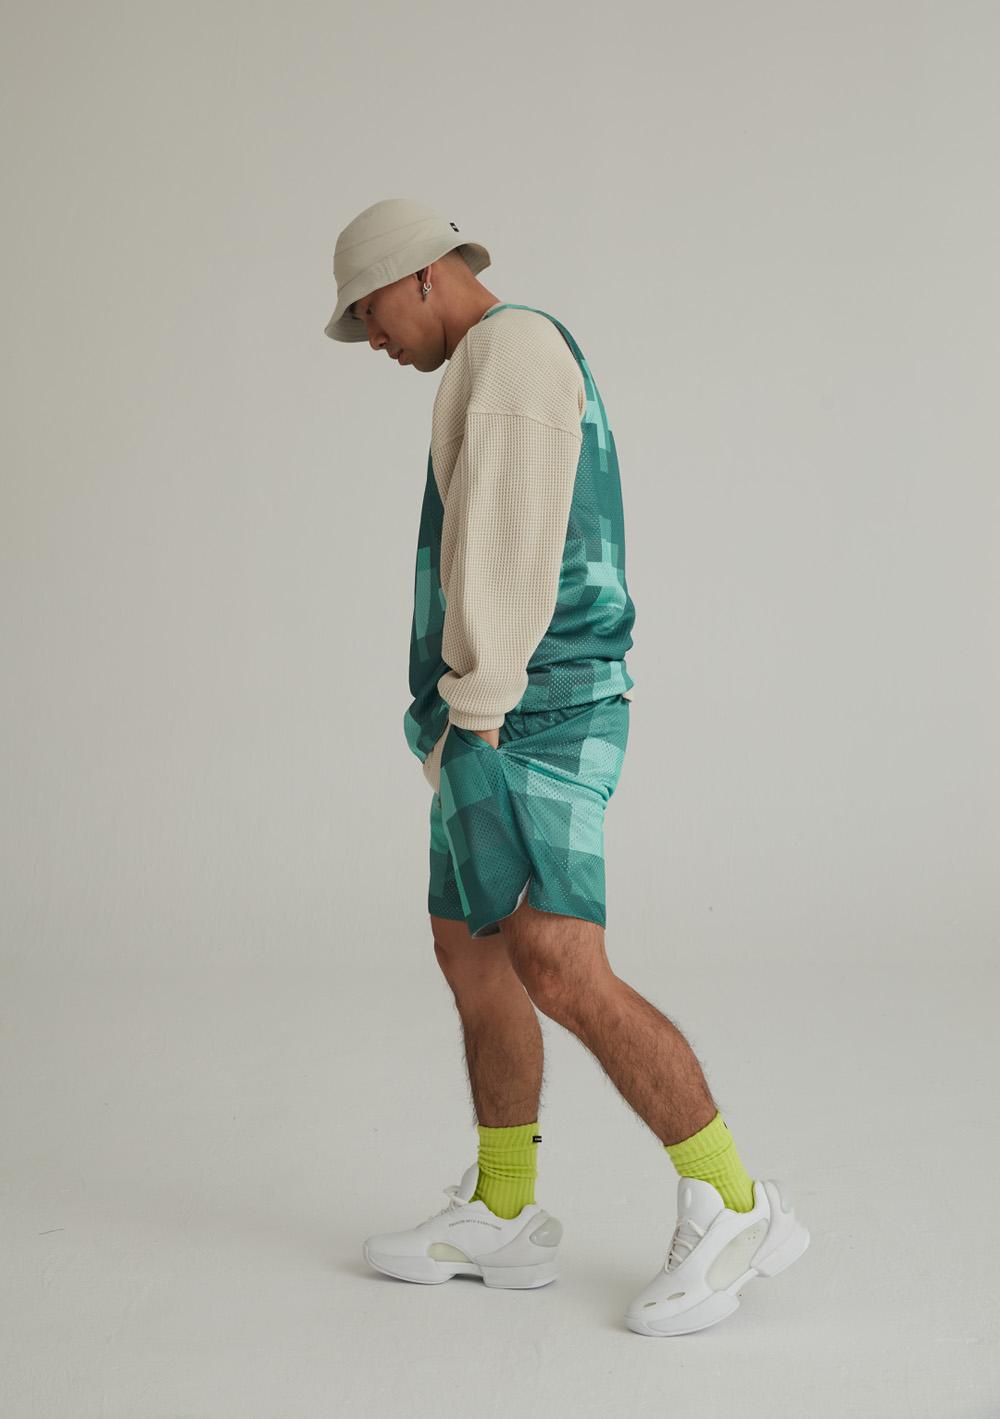 EQUALIZER,发售  「艹牌」三款新鞋刚刚曝光!拖鞋、球鞋都超帅!